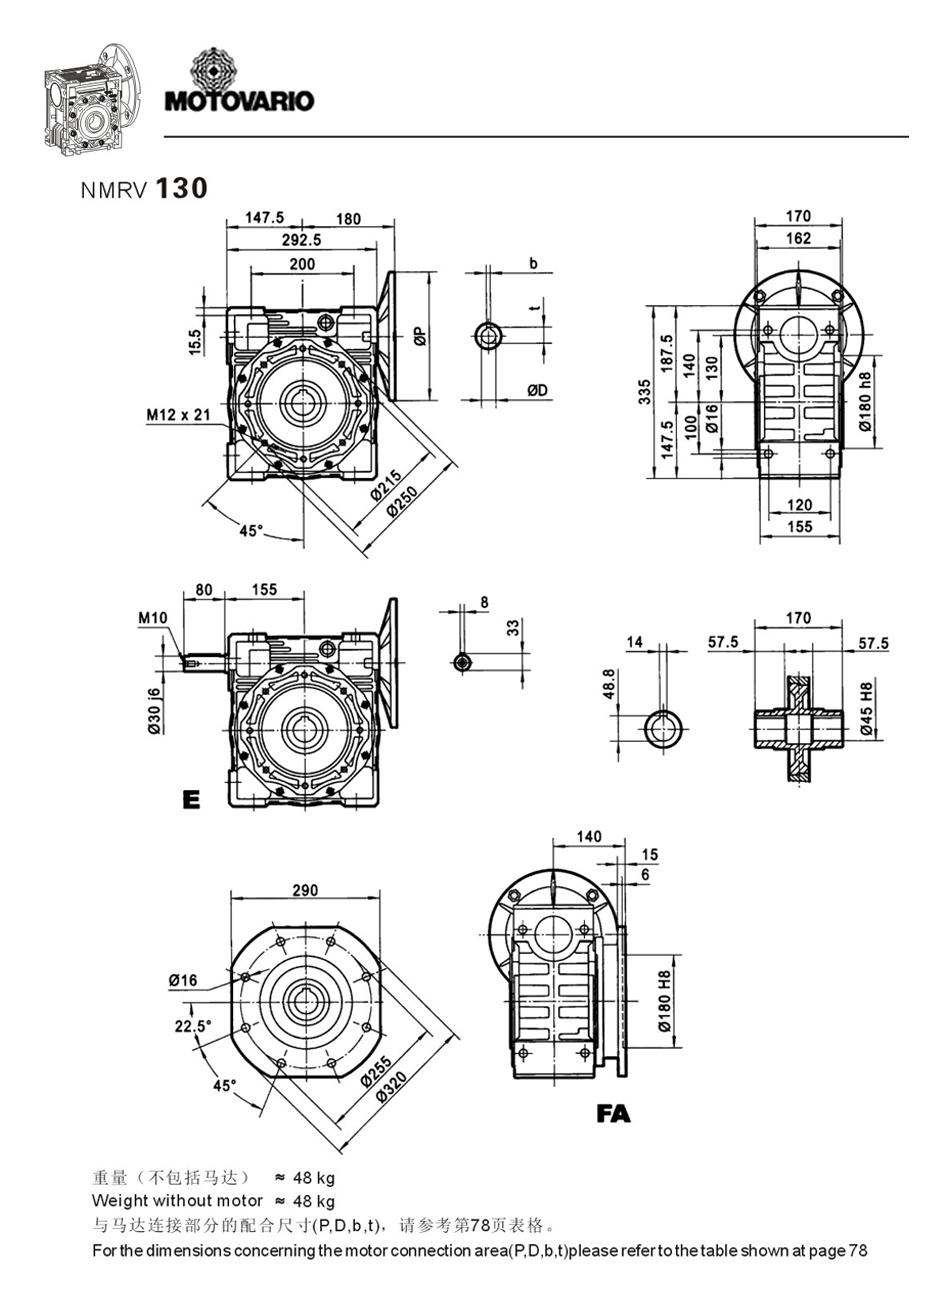 减速器铸造箱体结构尺寸